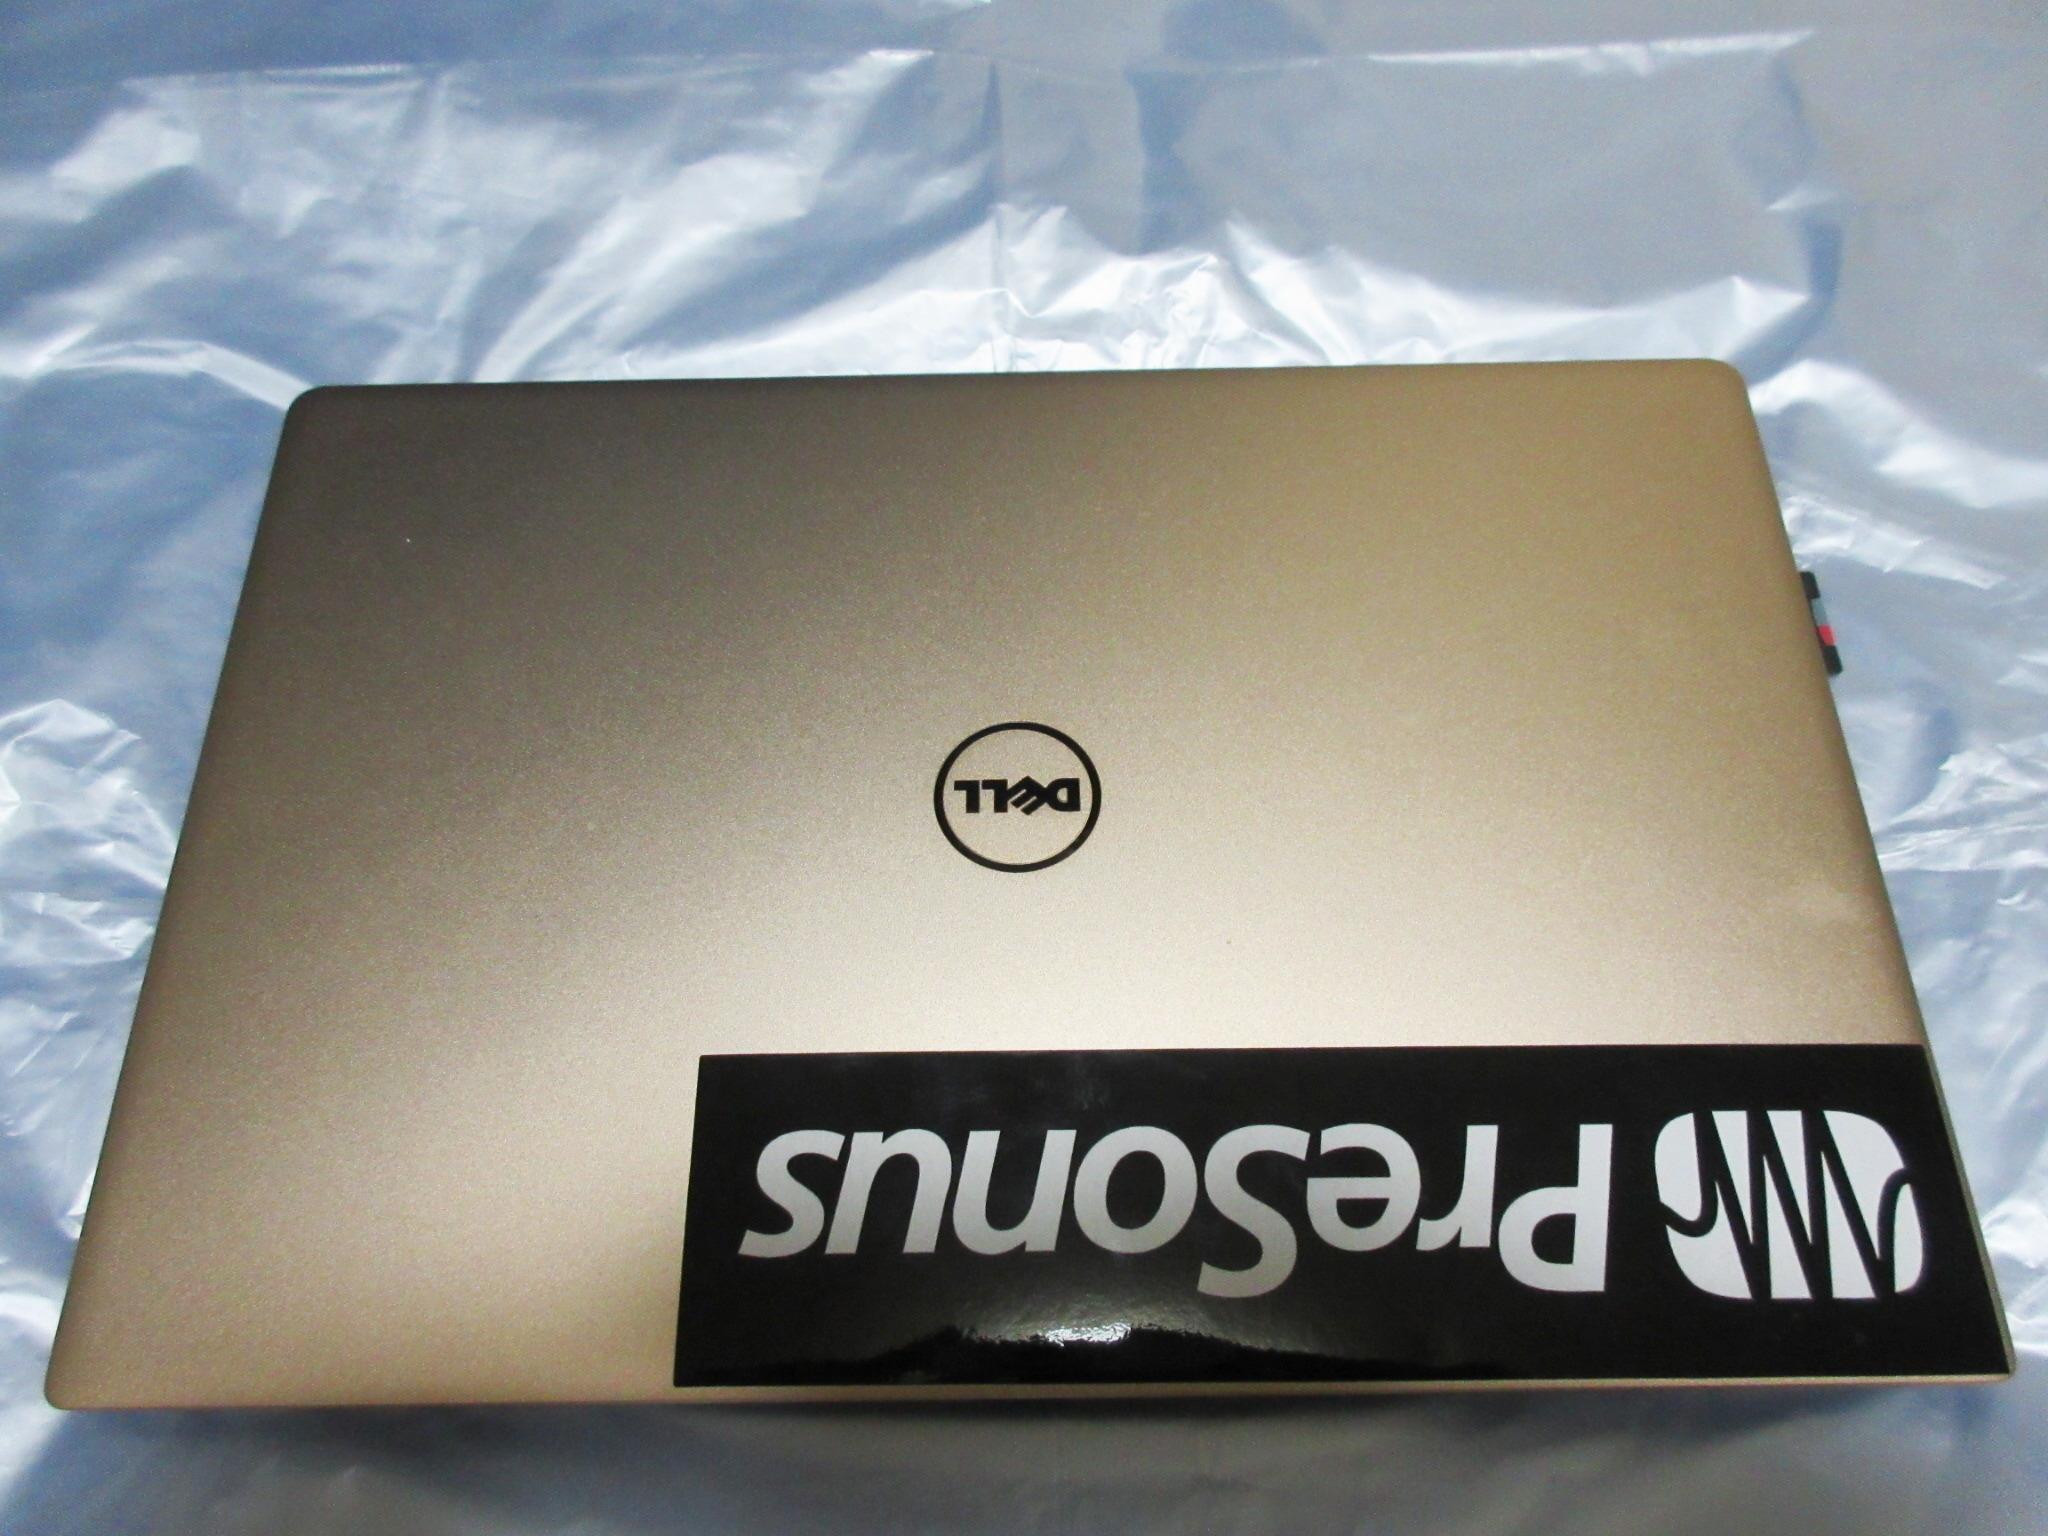 Dell XPS13(9360)の前面の画像